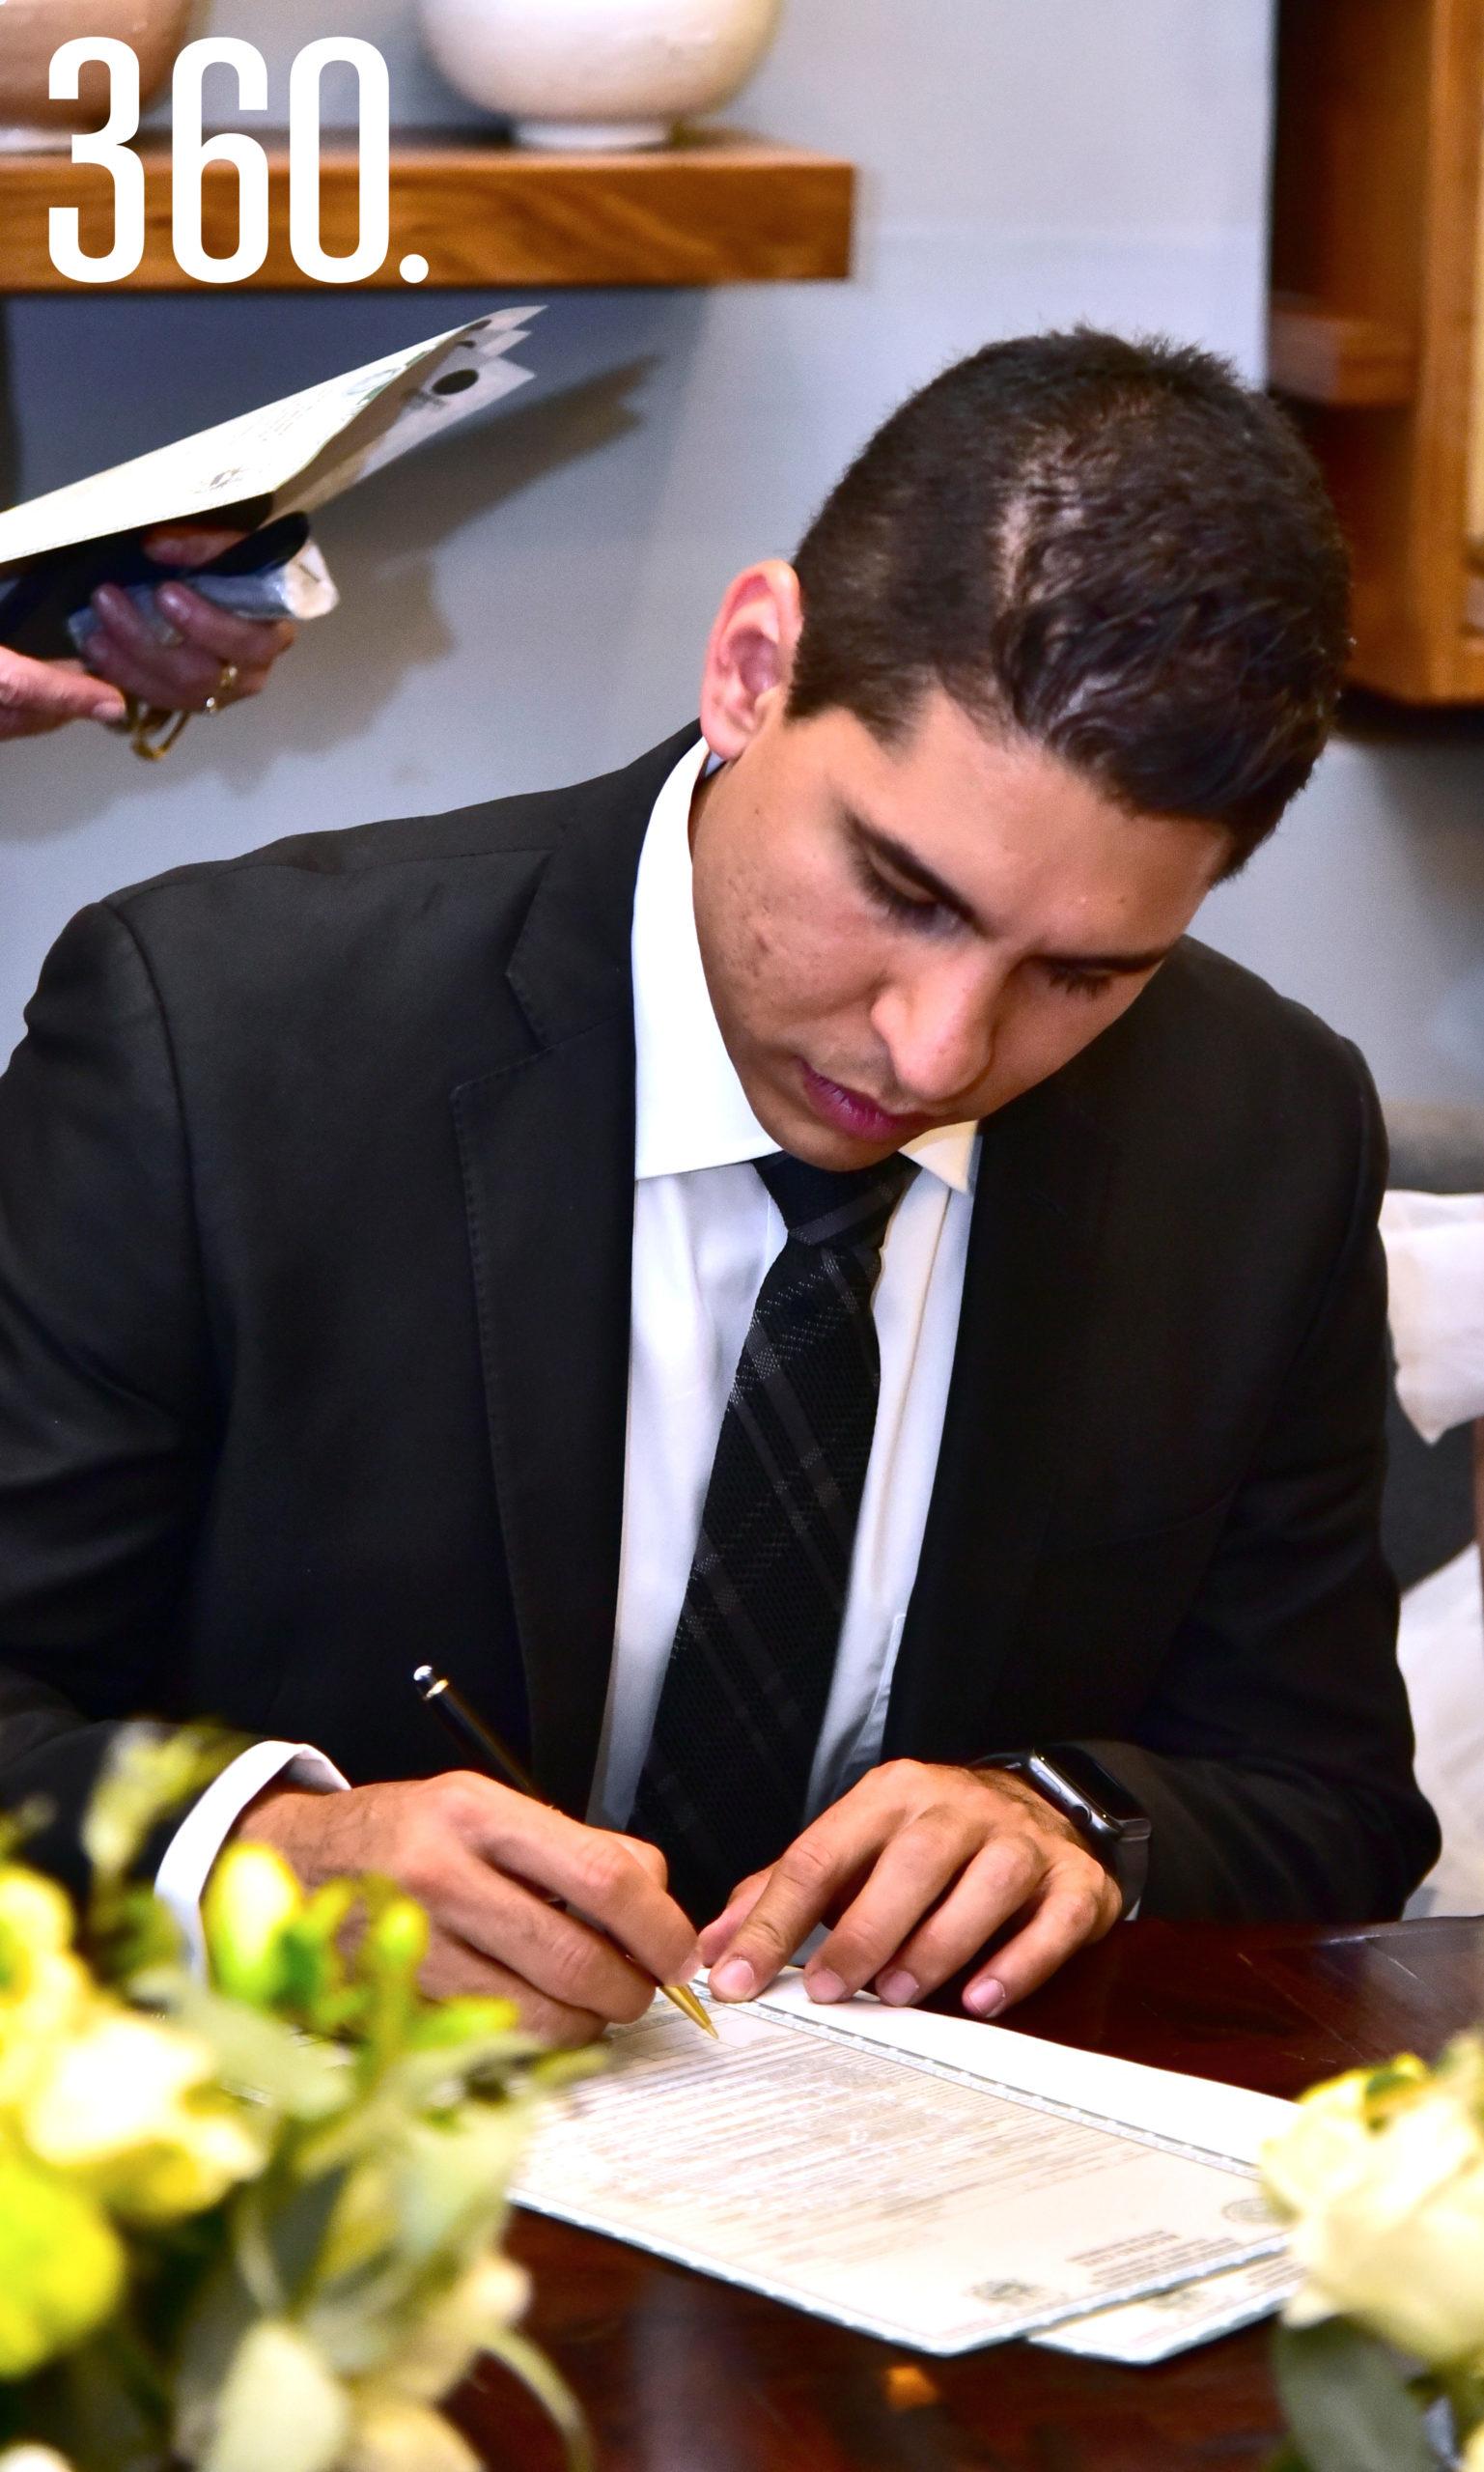 El novio firmando.